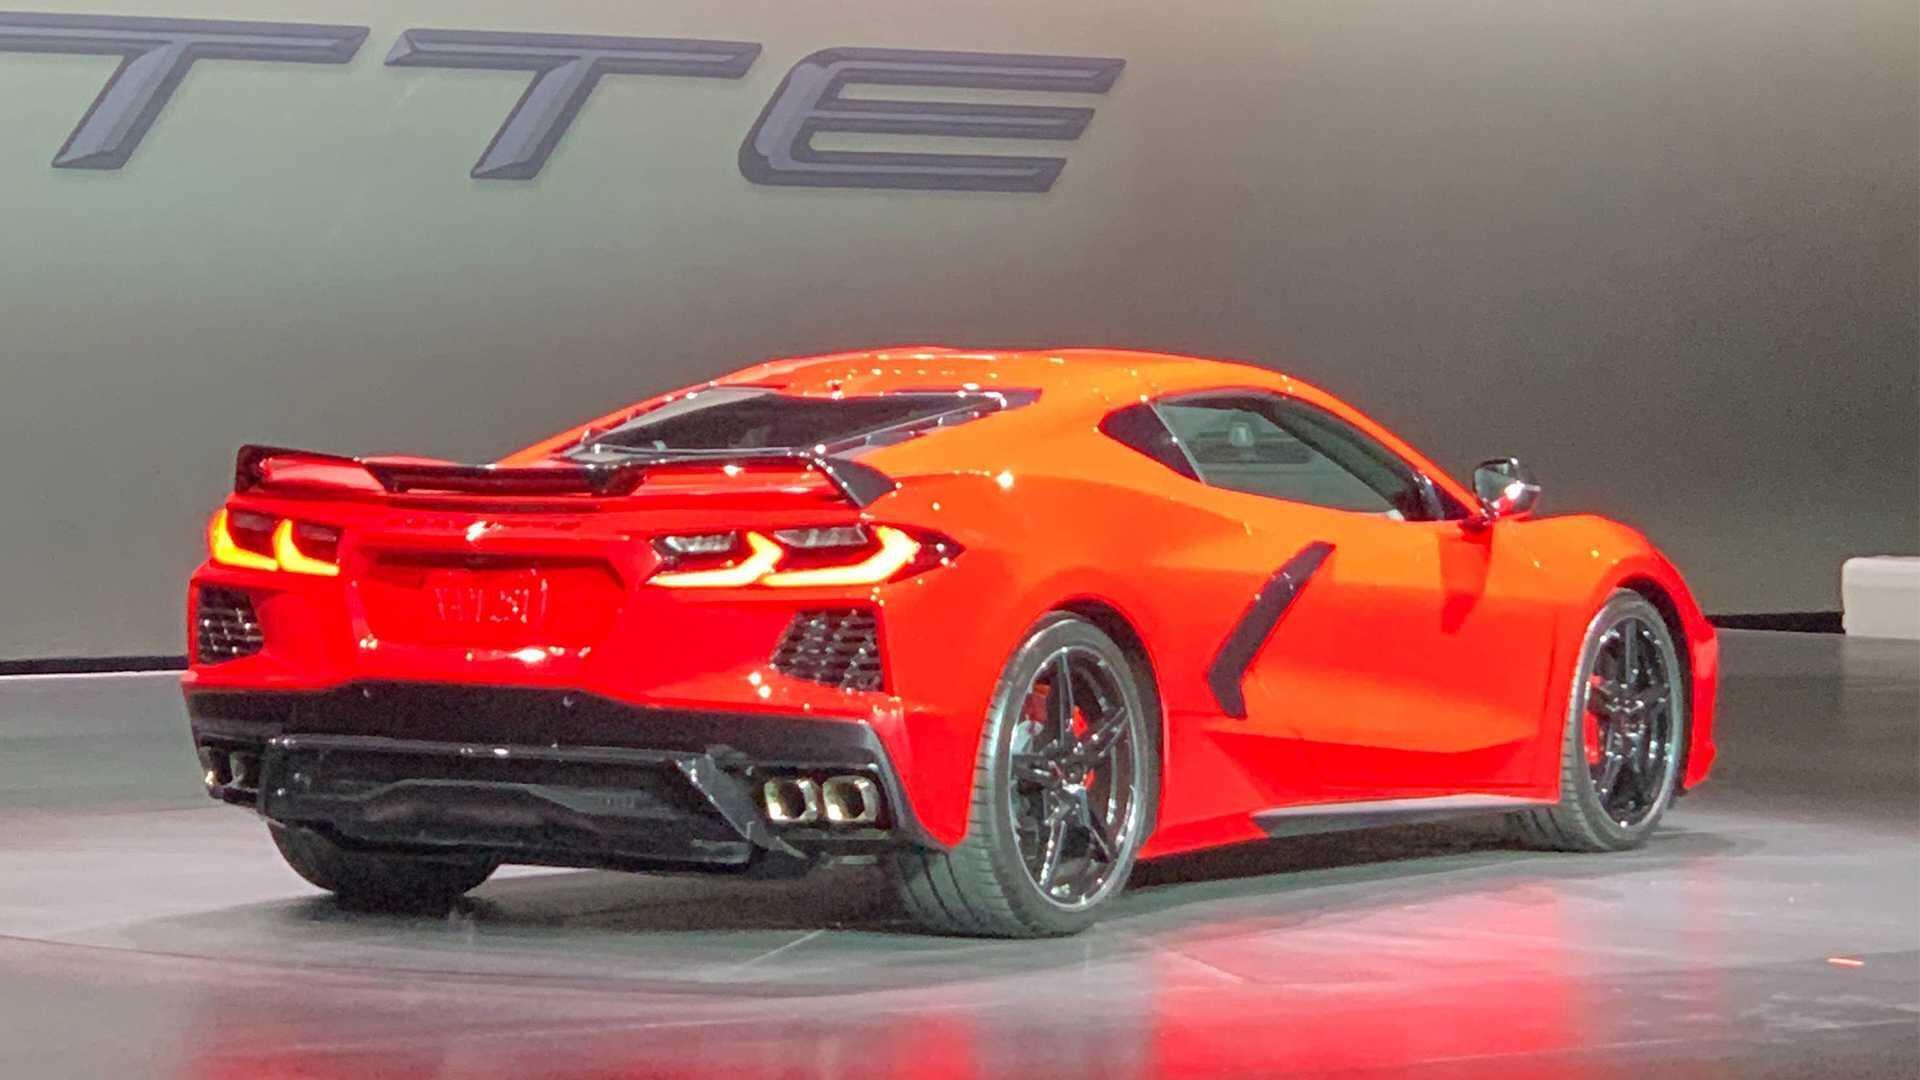 https://cdn.dailyxe.com.vn/image/chevrolet-corvette-2020-co-mot-so-tinh-nang-an-tuyet-voi-4-94510j2.jpg